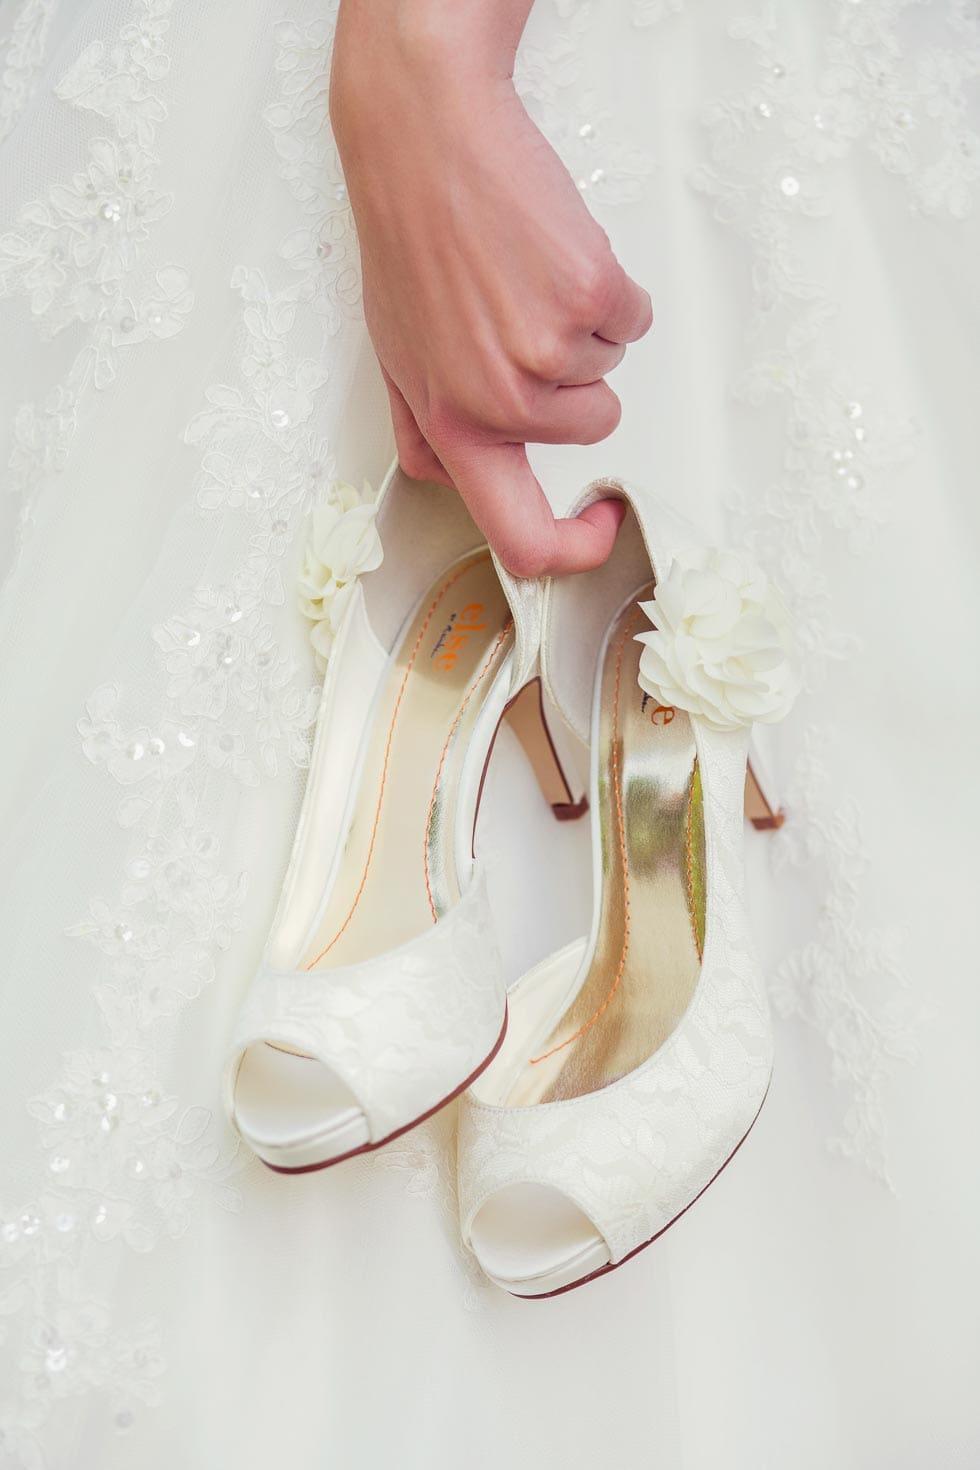 Absatzhöhe für Brautschuhe